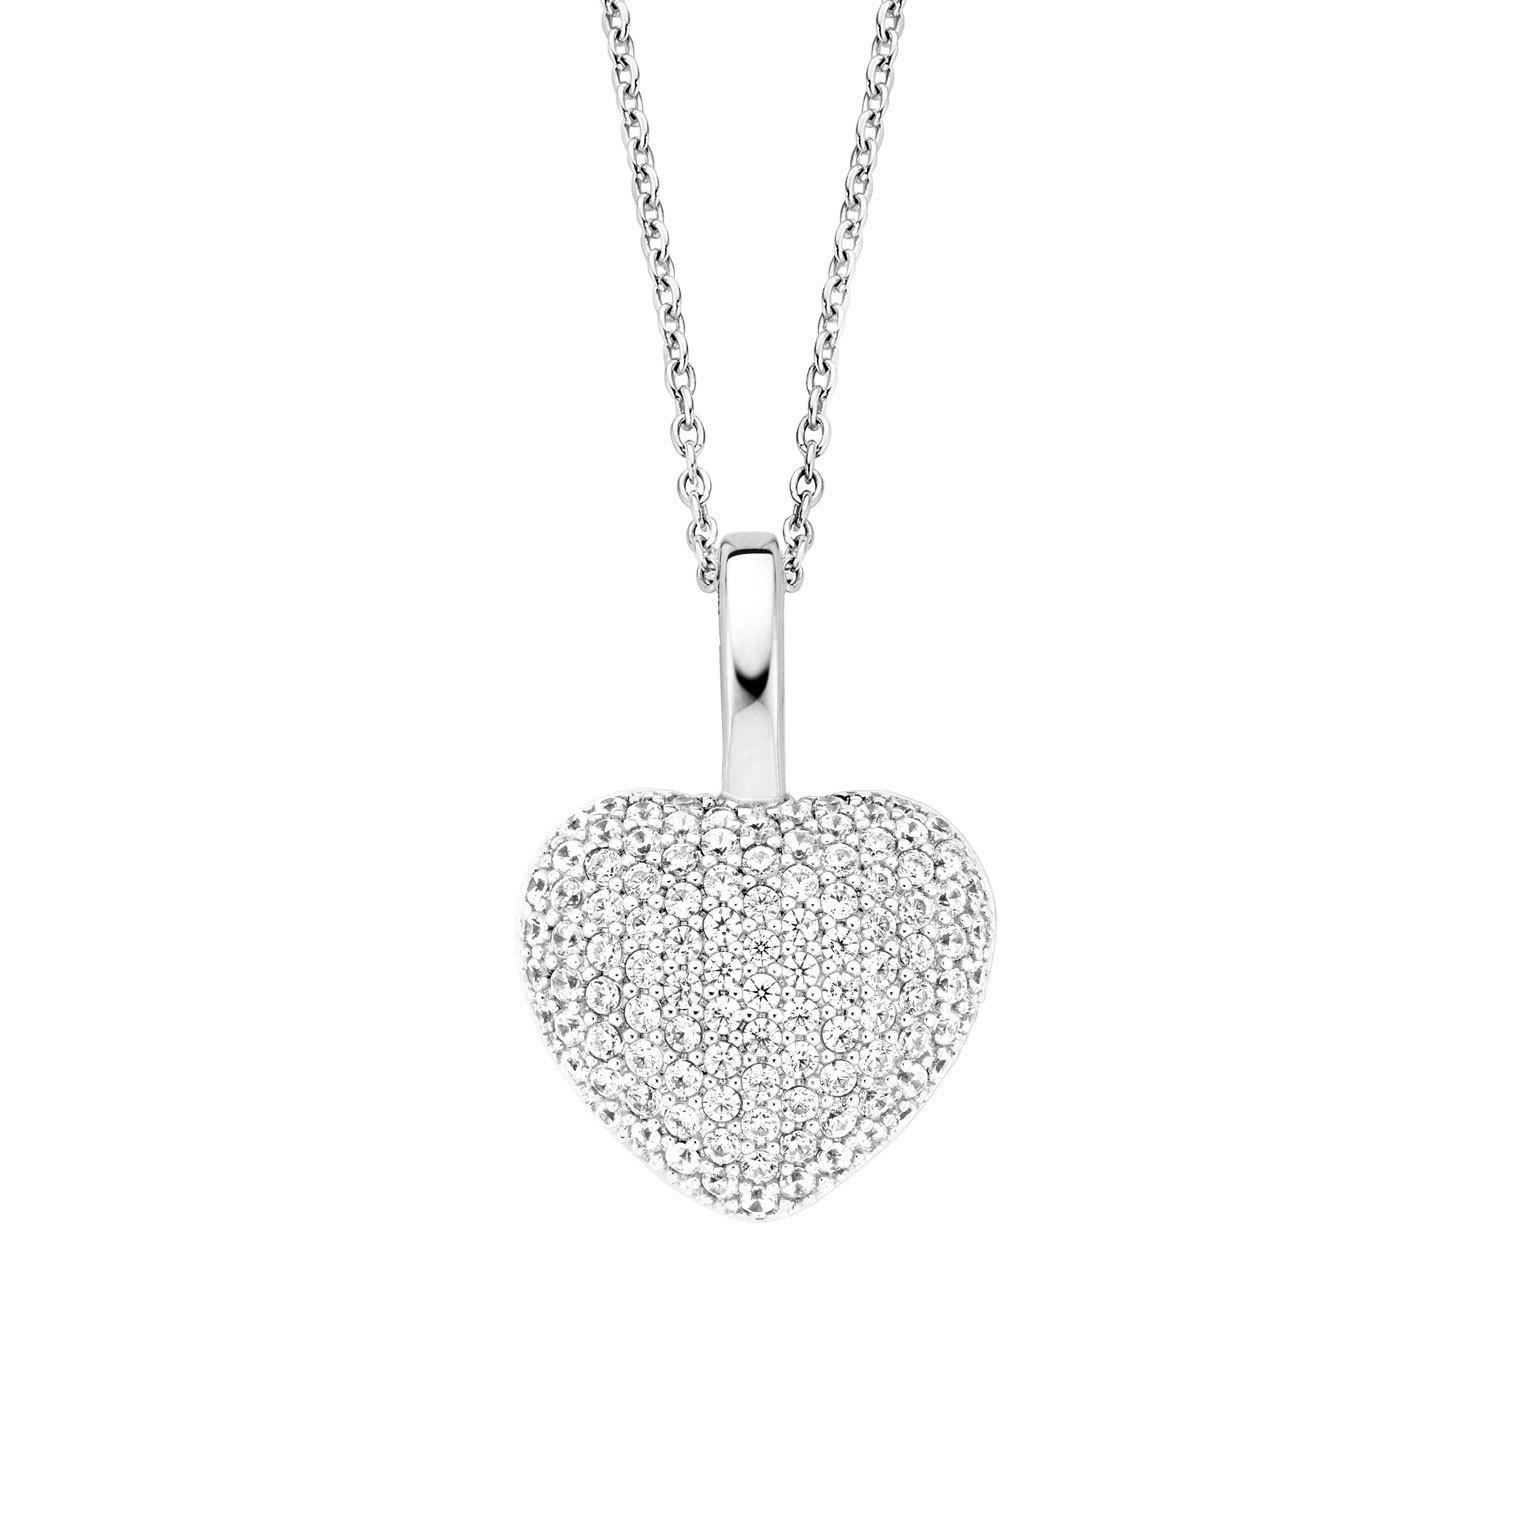 TI SENTO - Milano 6745ZI Ketting Hart zilver met zirconia 42-45 cm